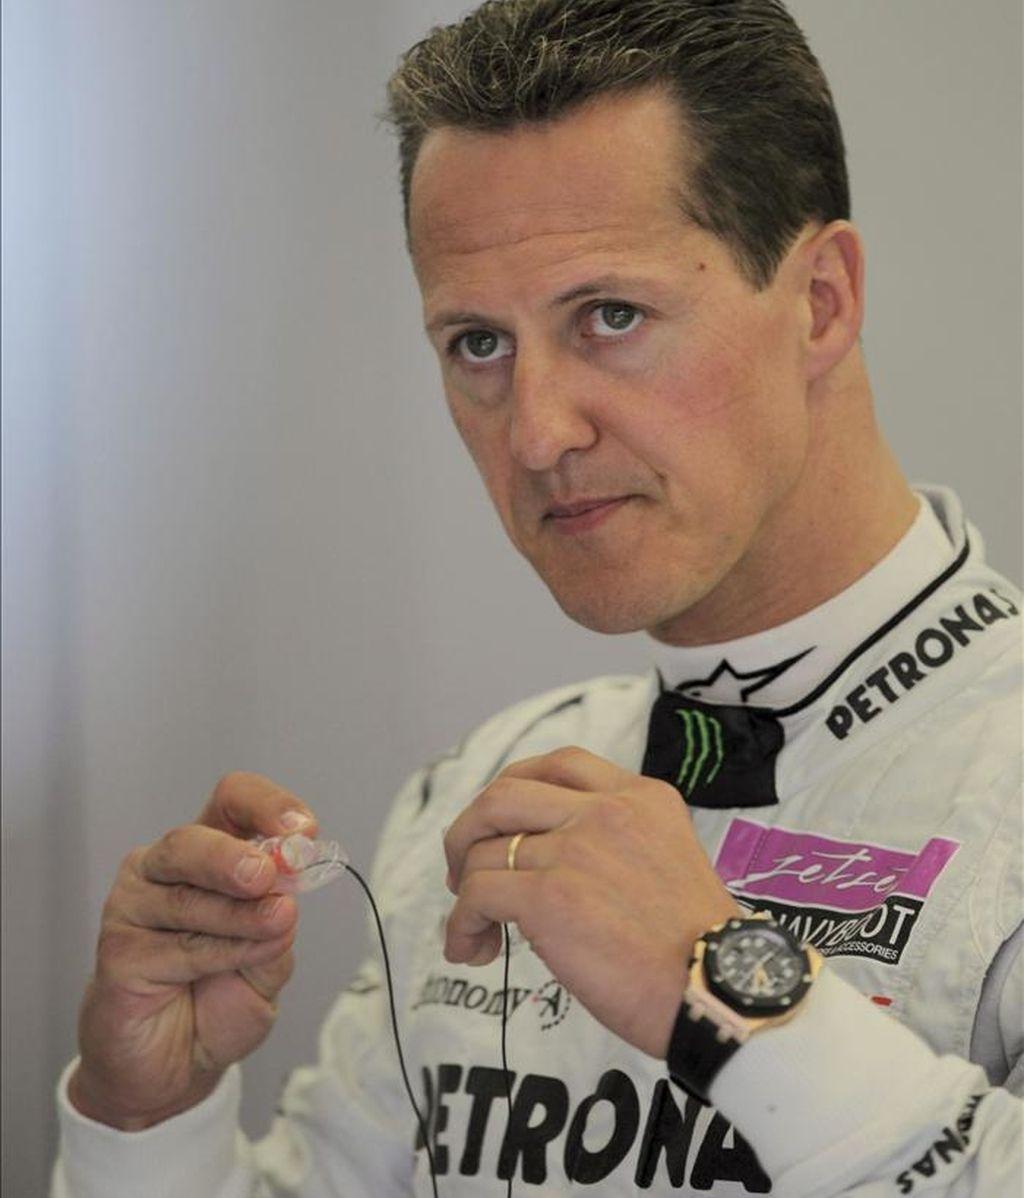 El piloto alemán de Mecedes GP Petronas Michael Schumacher durante la primera sesión de entrenamientos libres del Gran Premio de Turquía en el circuito Istanbul Park de Estambul, Turquía. EFE